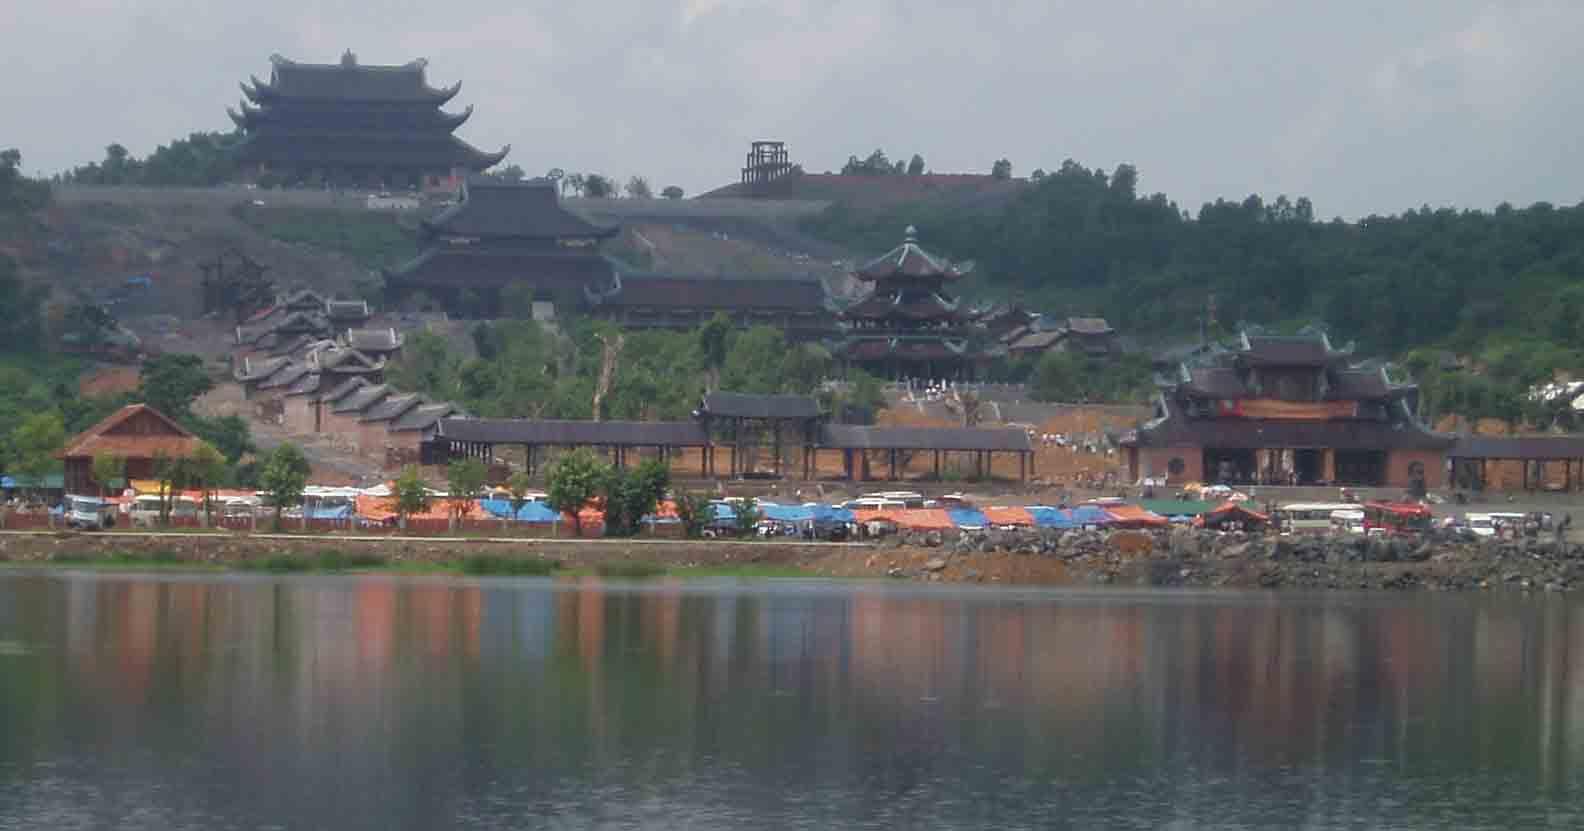 Du lịch cùng UBND Tỉnh Ninh Bình